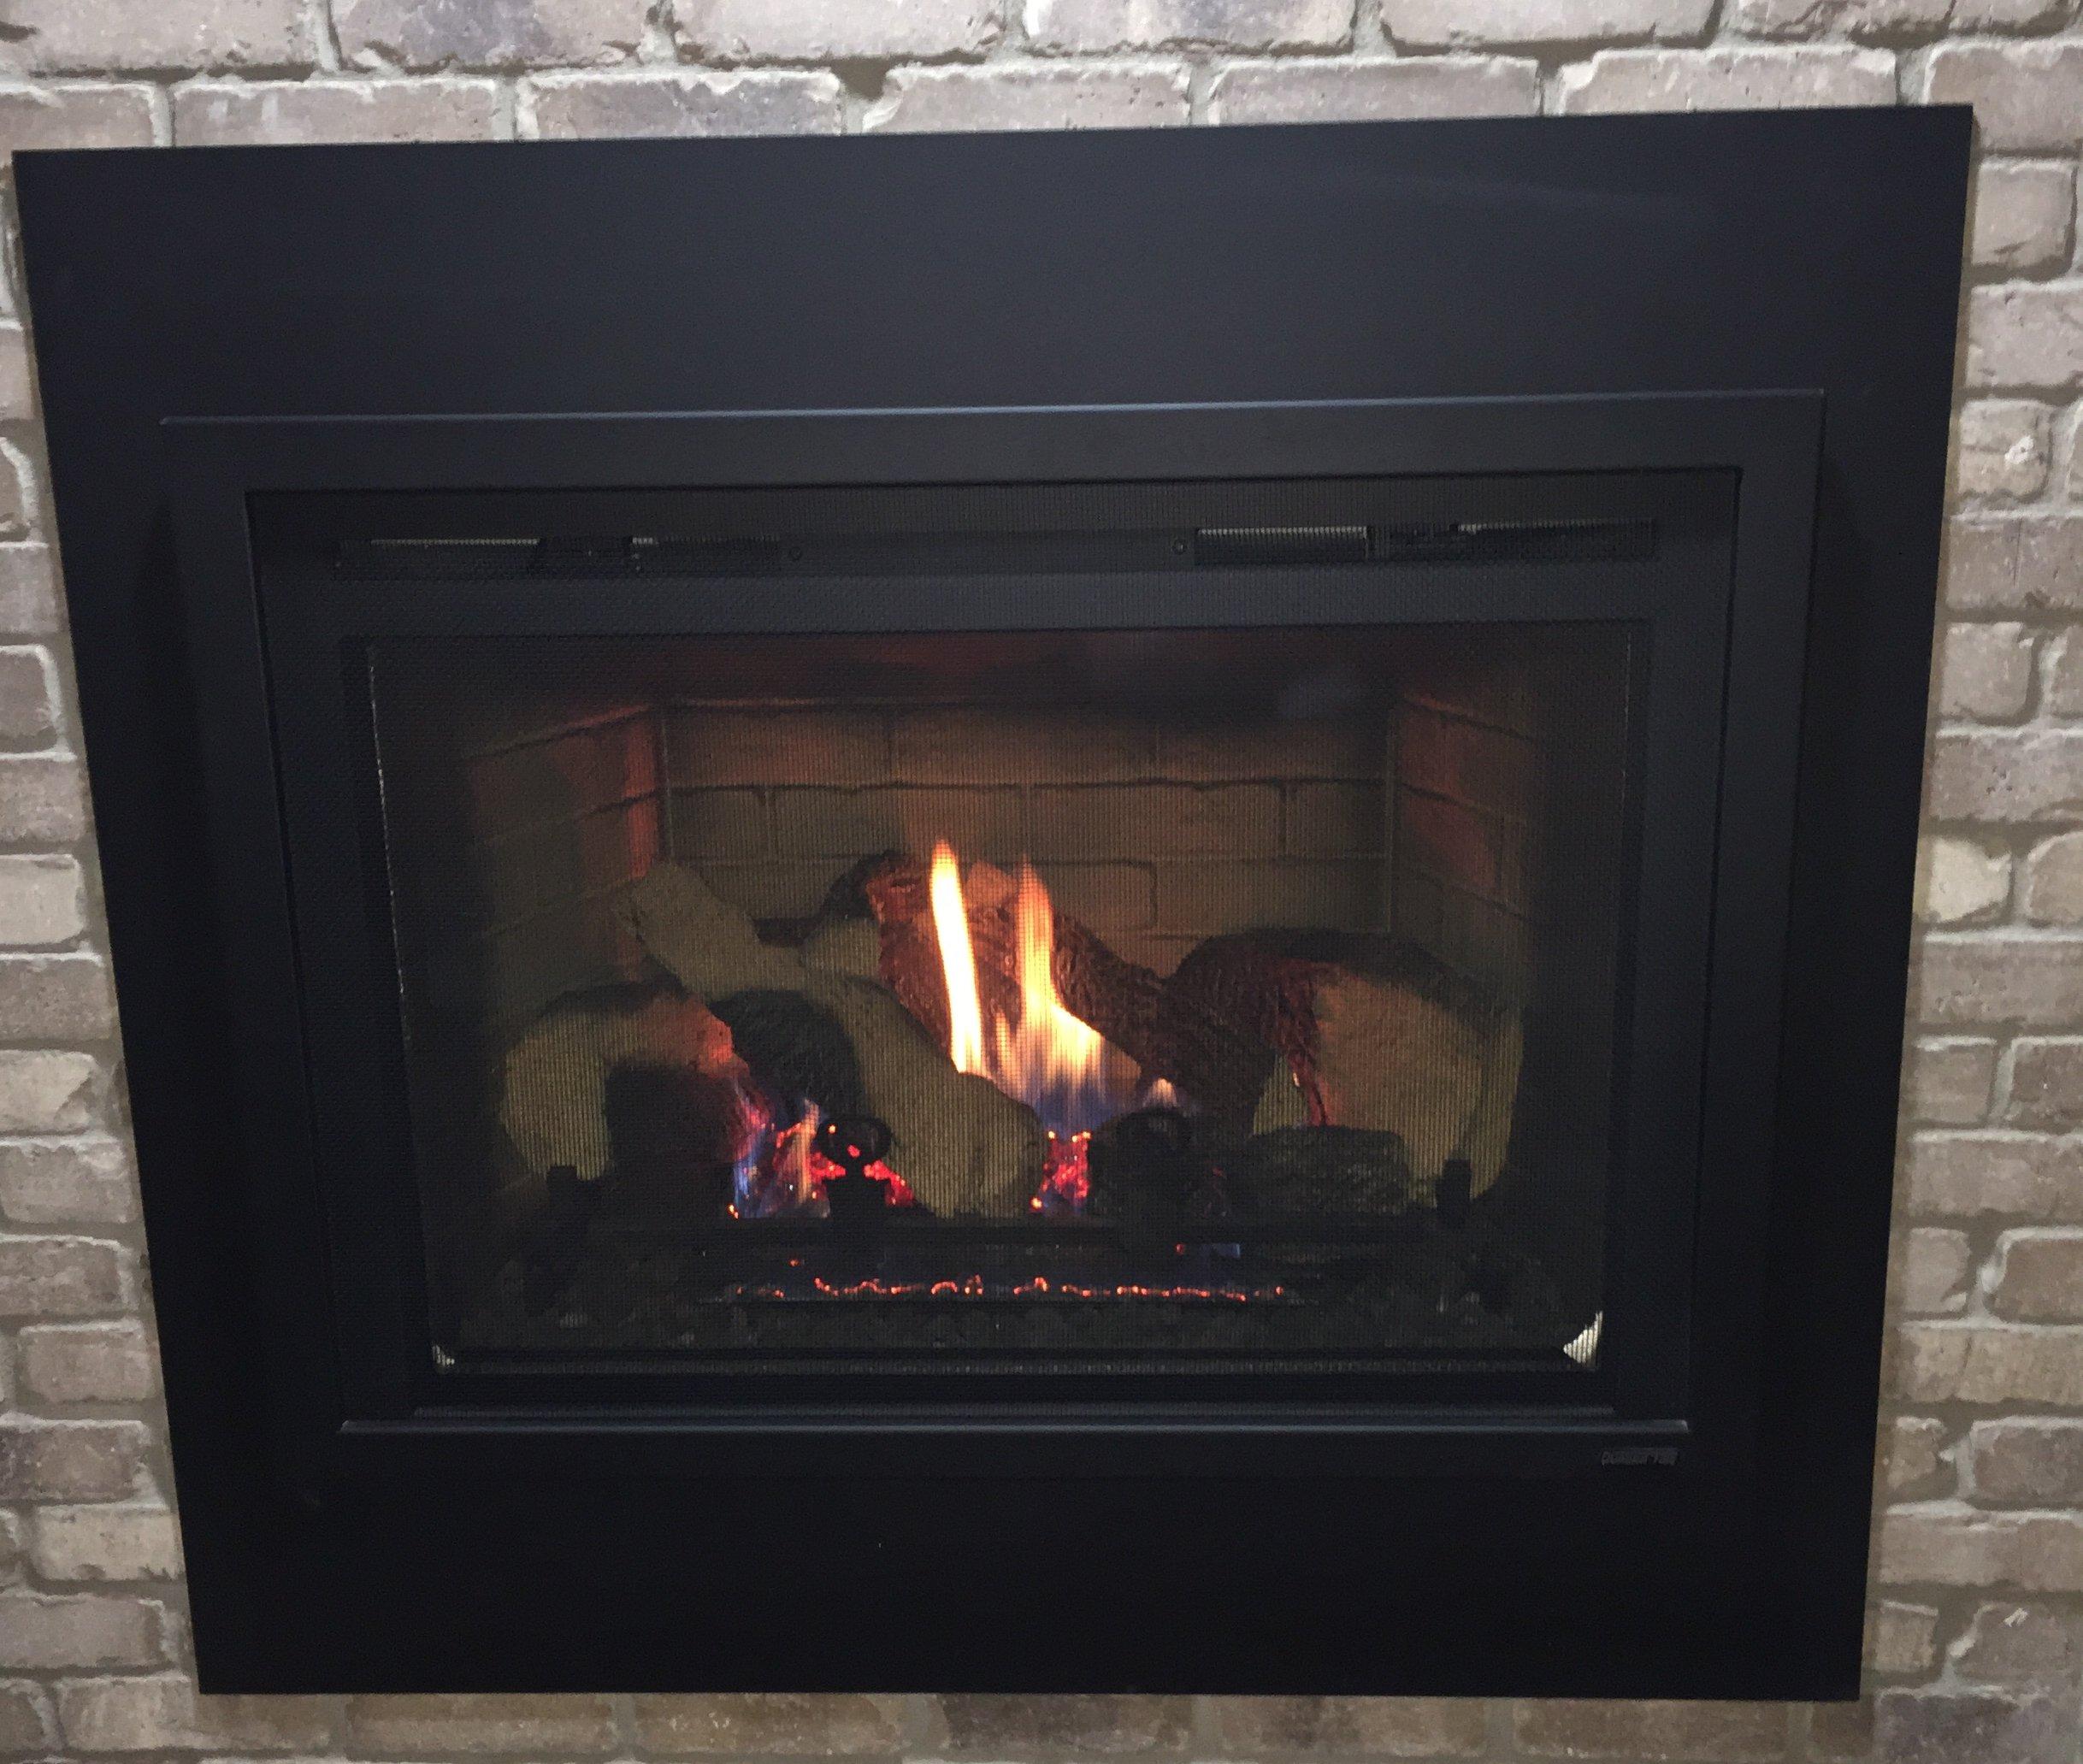 Quadra-Fire's Firebrick Insert